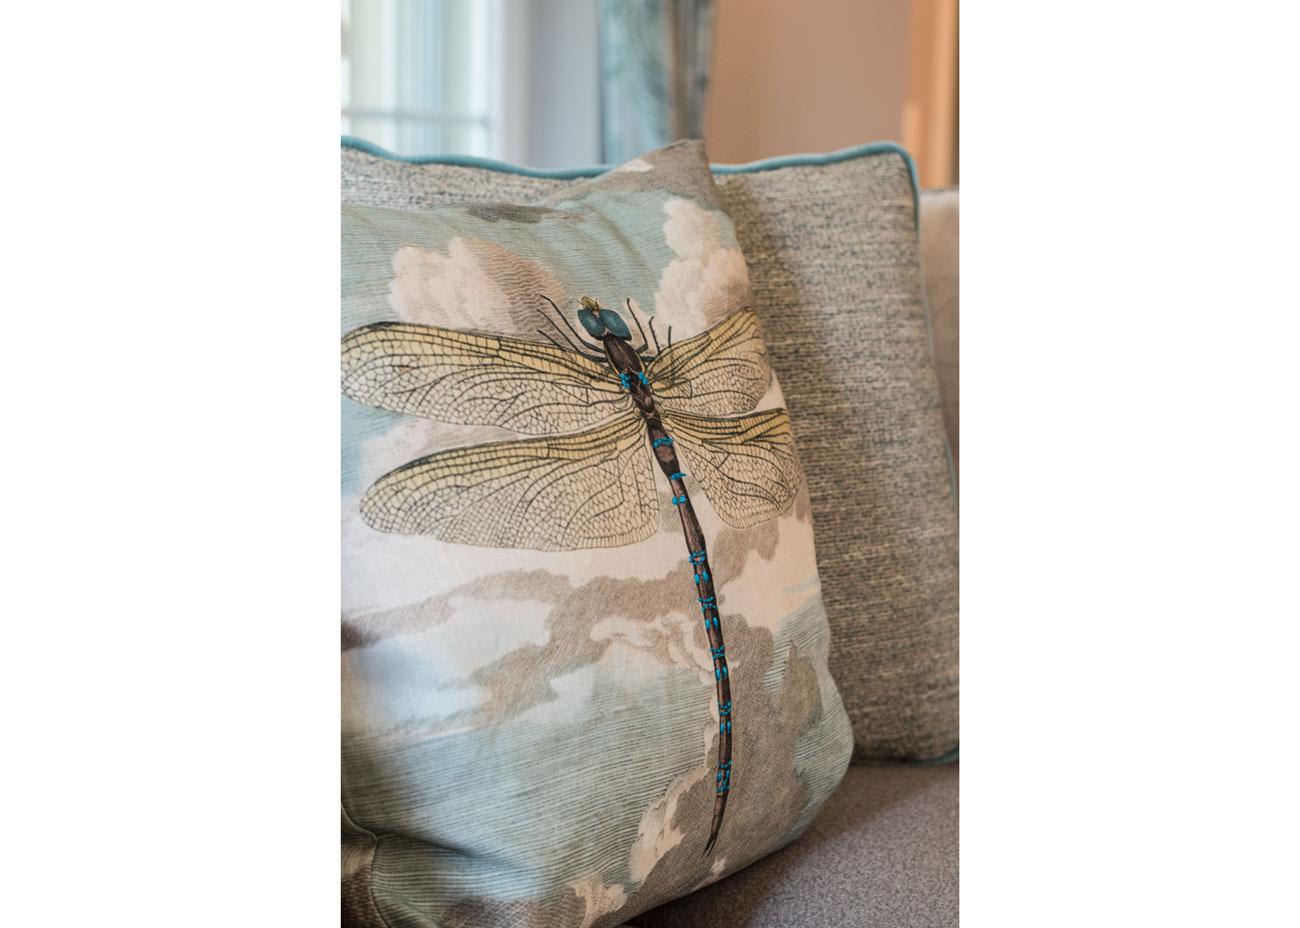 haus renovierung ideen wohnzimmer kissen mit libelle